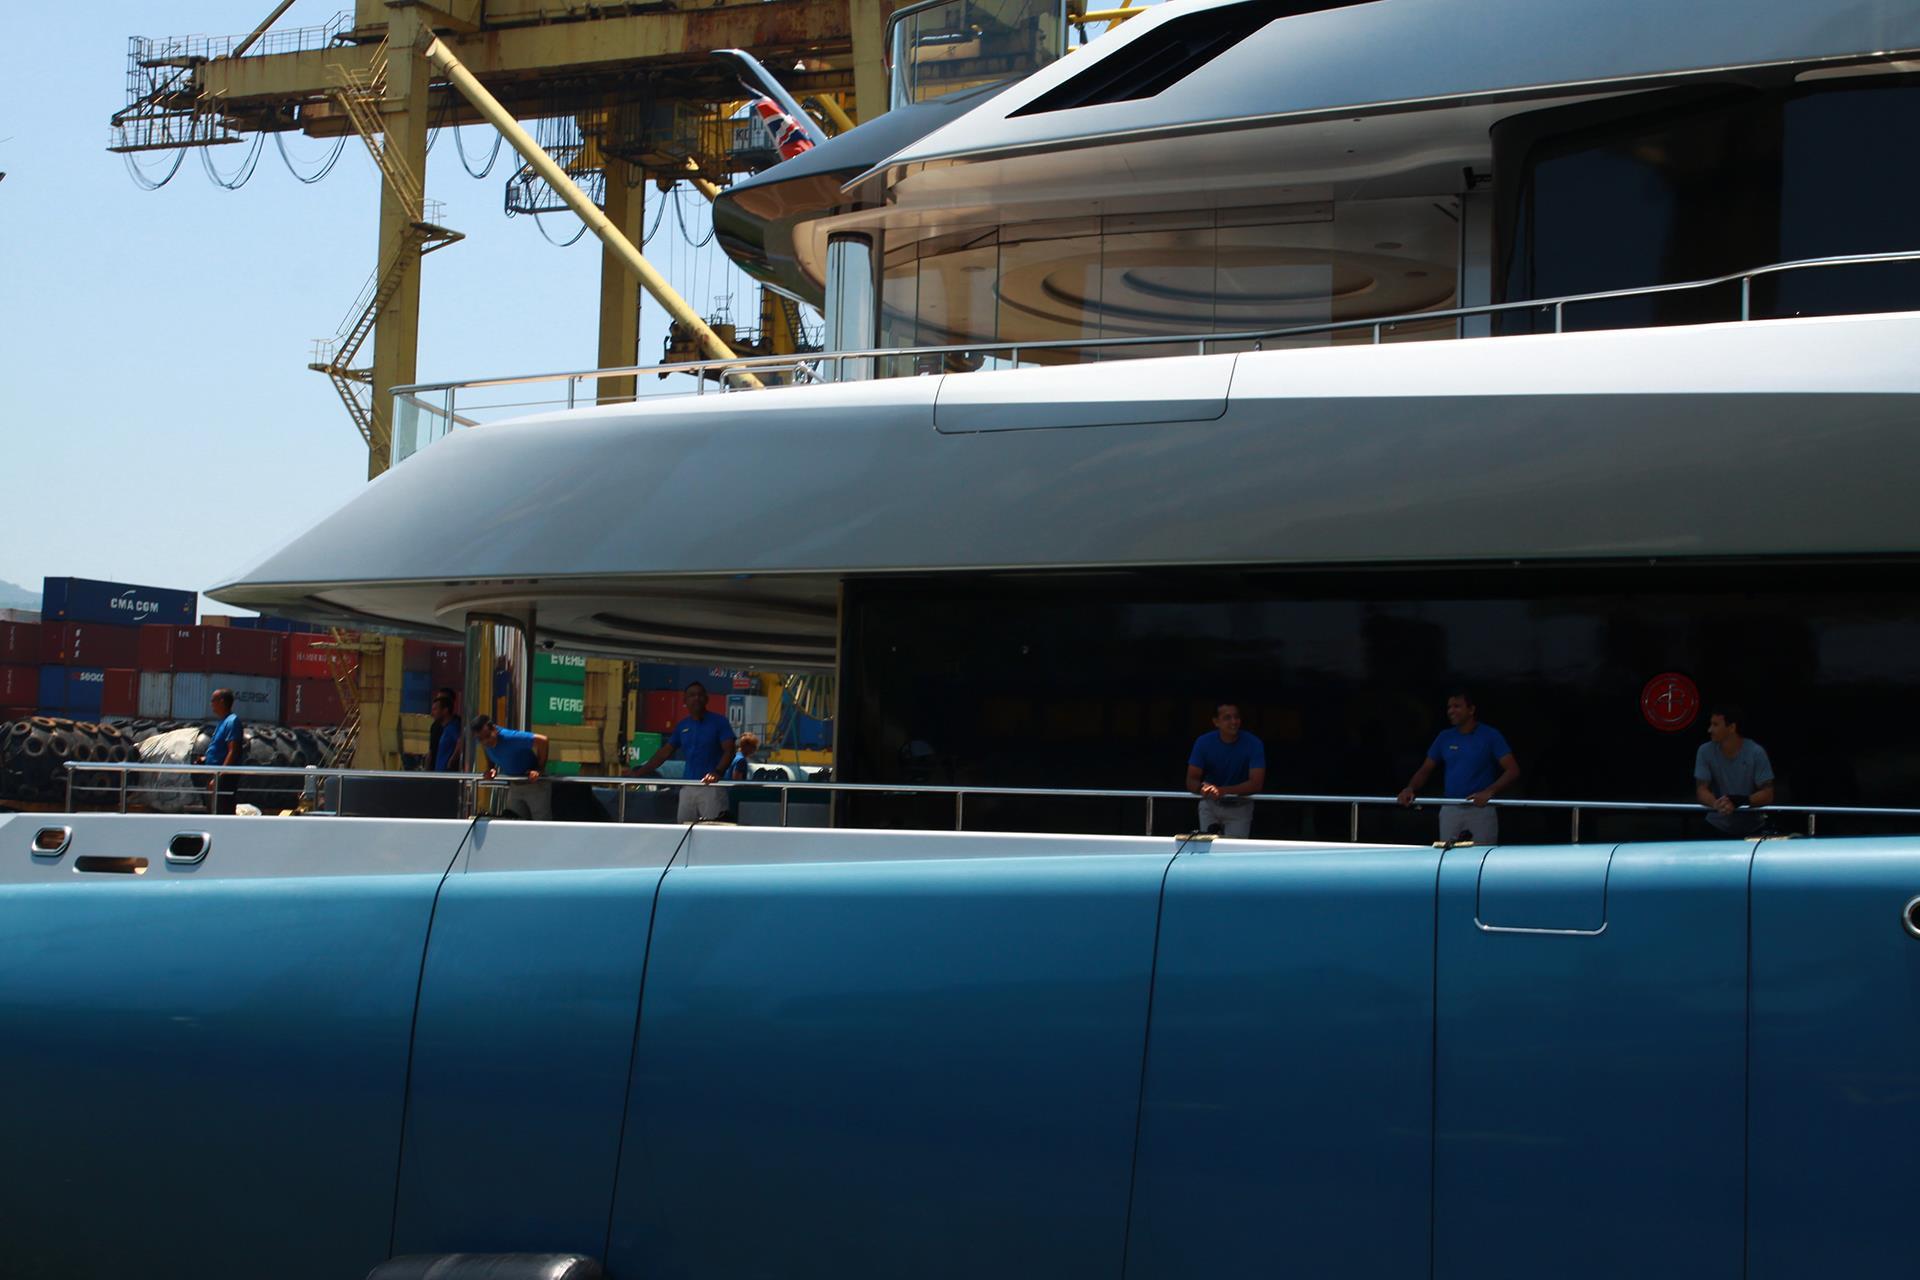 Siêu du thuyền 150 triệu USD của tỷ phú Anh cập cảng Tiên Sa Ảnh 2